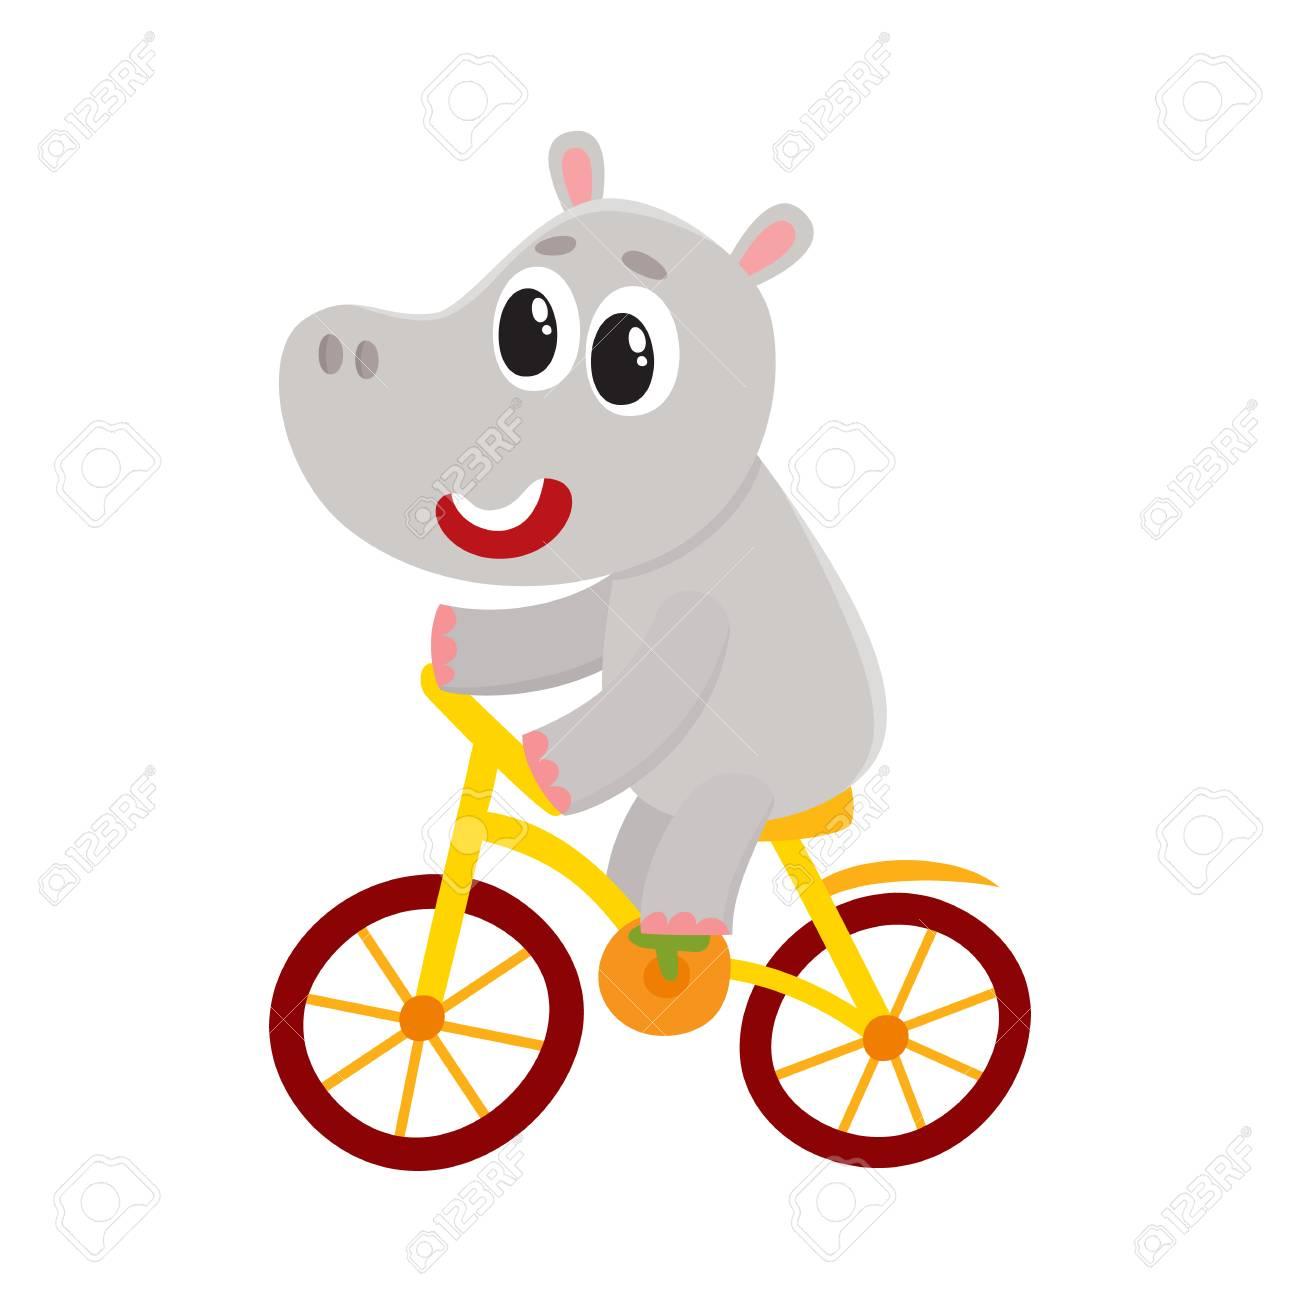 Mignon Petit Personnage Hippopotame Velo Velo Illustration De Vecteur De Dessin Anime Isole Sur Fond Blanc Petit Bebe Hippopotame Hippopotame Personnage Animal Equitation Velo Velo Velo Heureusement Clip Art Libres De Droits